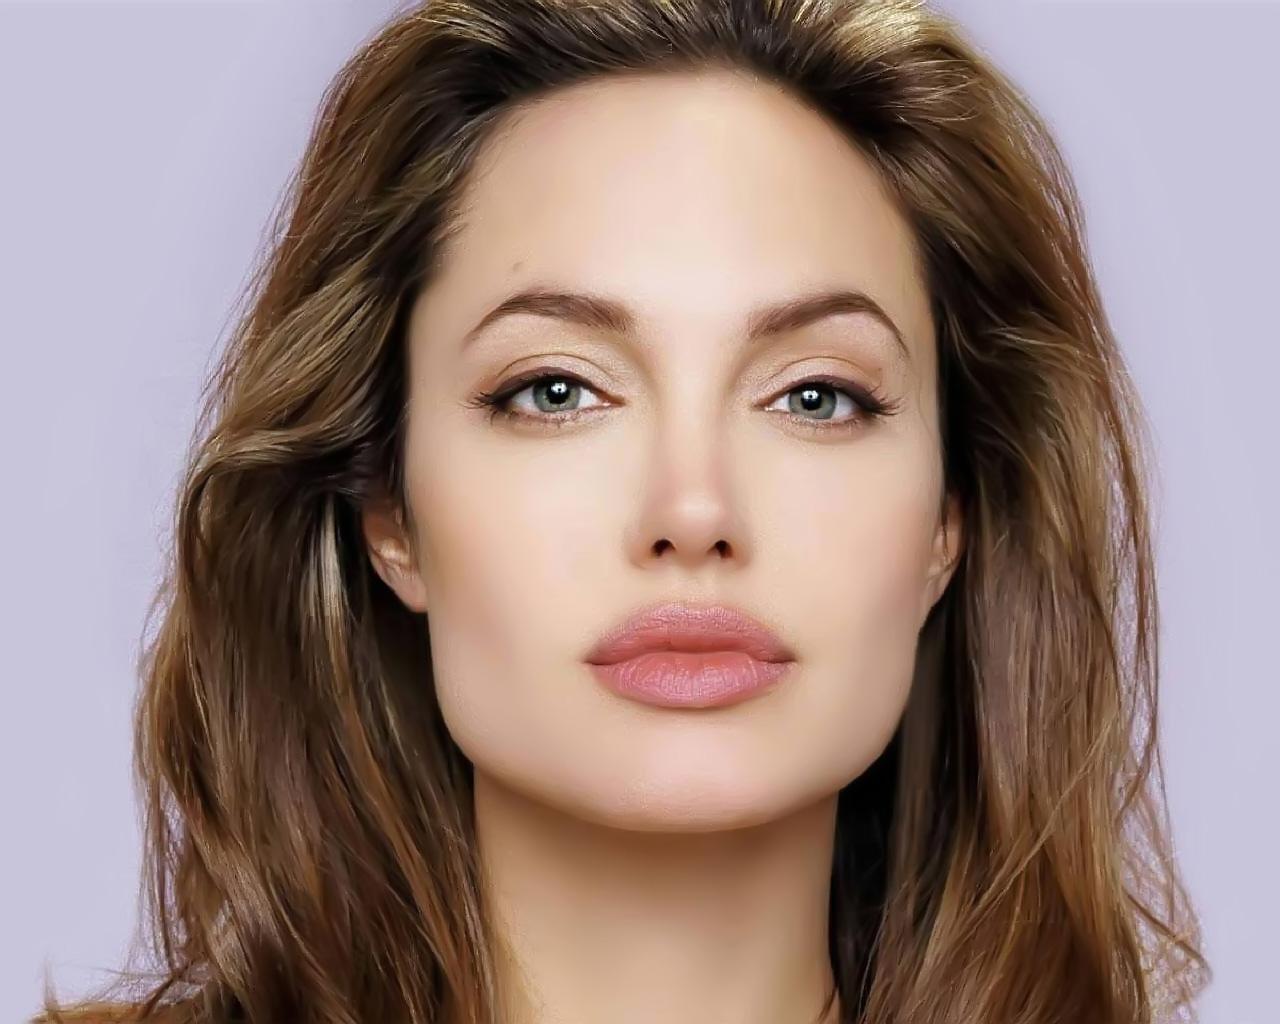 http://4.bp.blogspot.com/-5c9e3Jt0hdY/UIVd1Q49A1I/AAAAAAAACPg/qmH45lvACTs/s1600/Angelina+Jolie+Hot+Lips+Pic+2012-2013+05.jpg